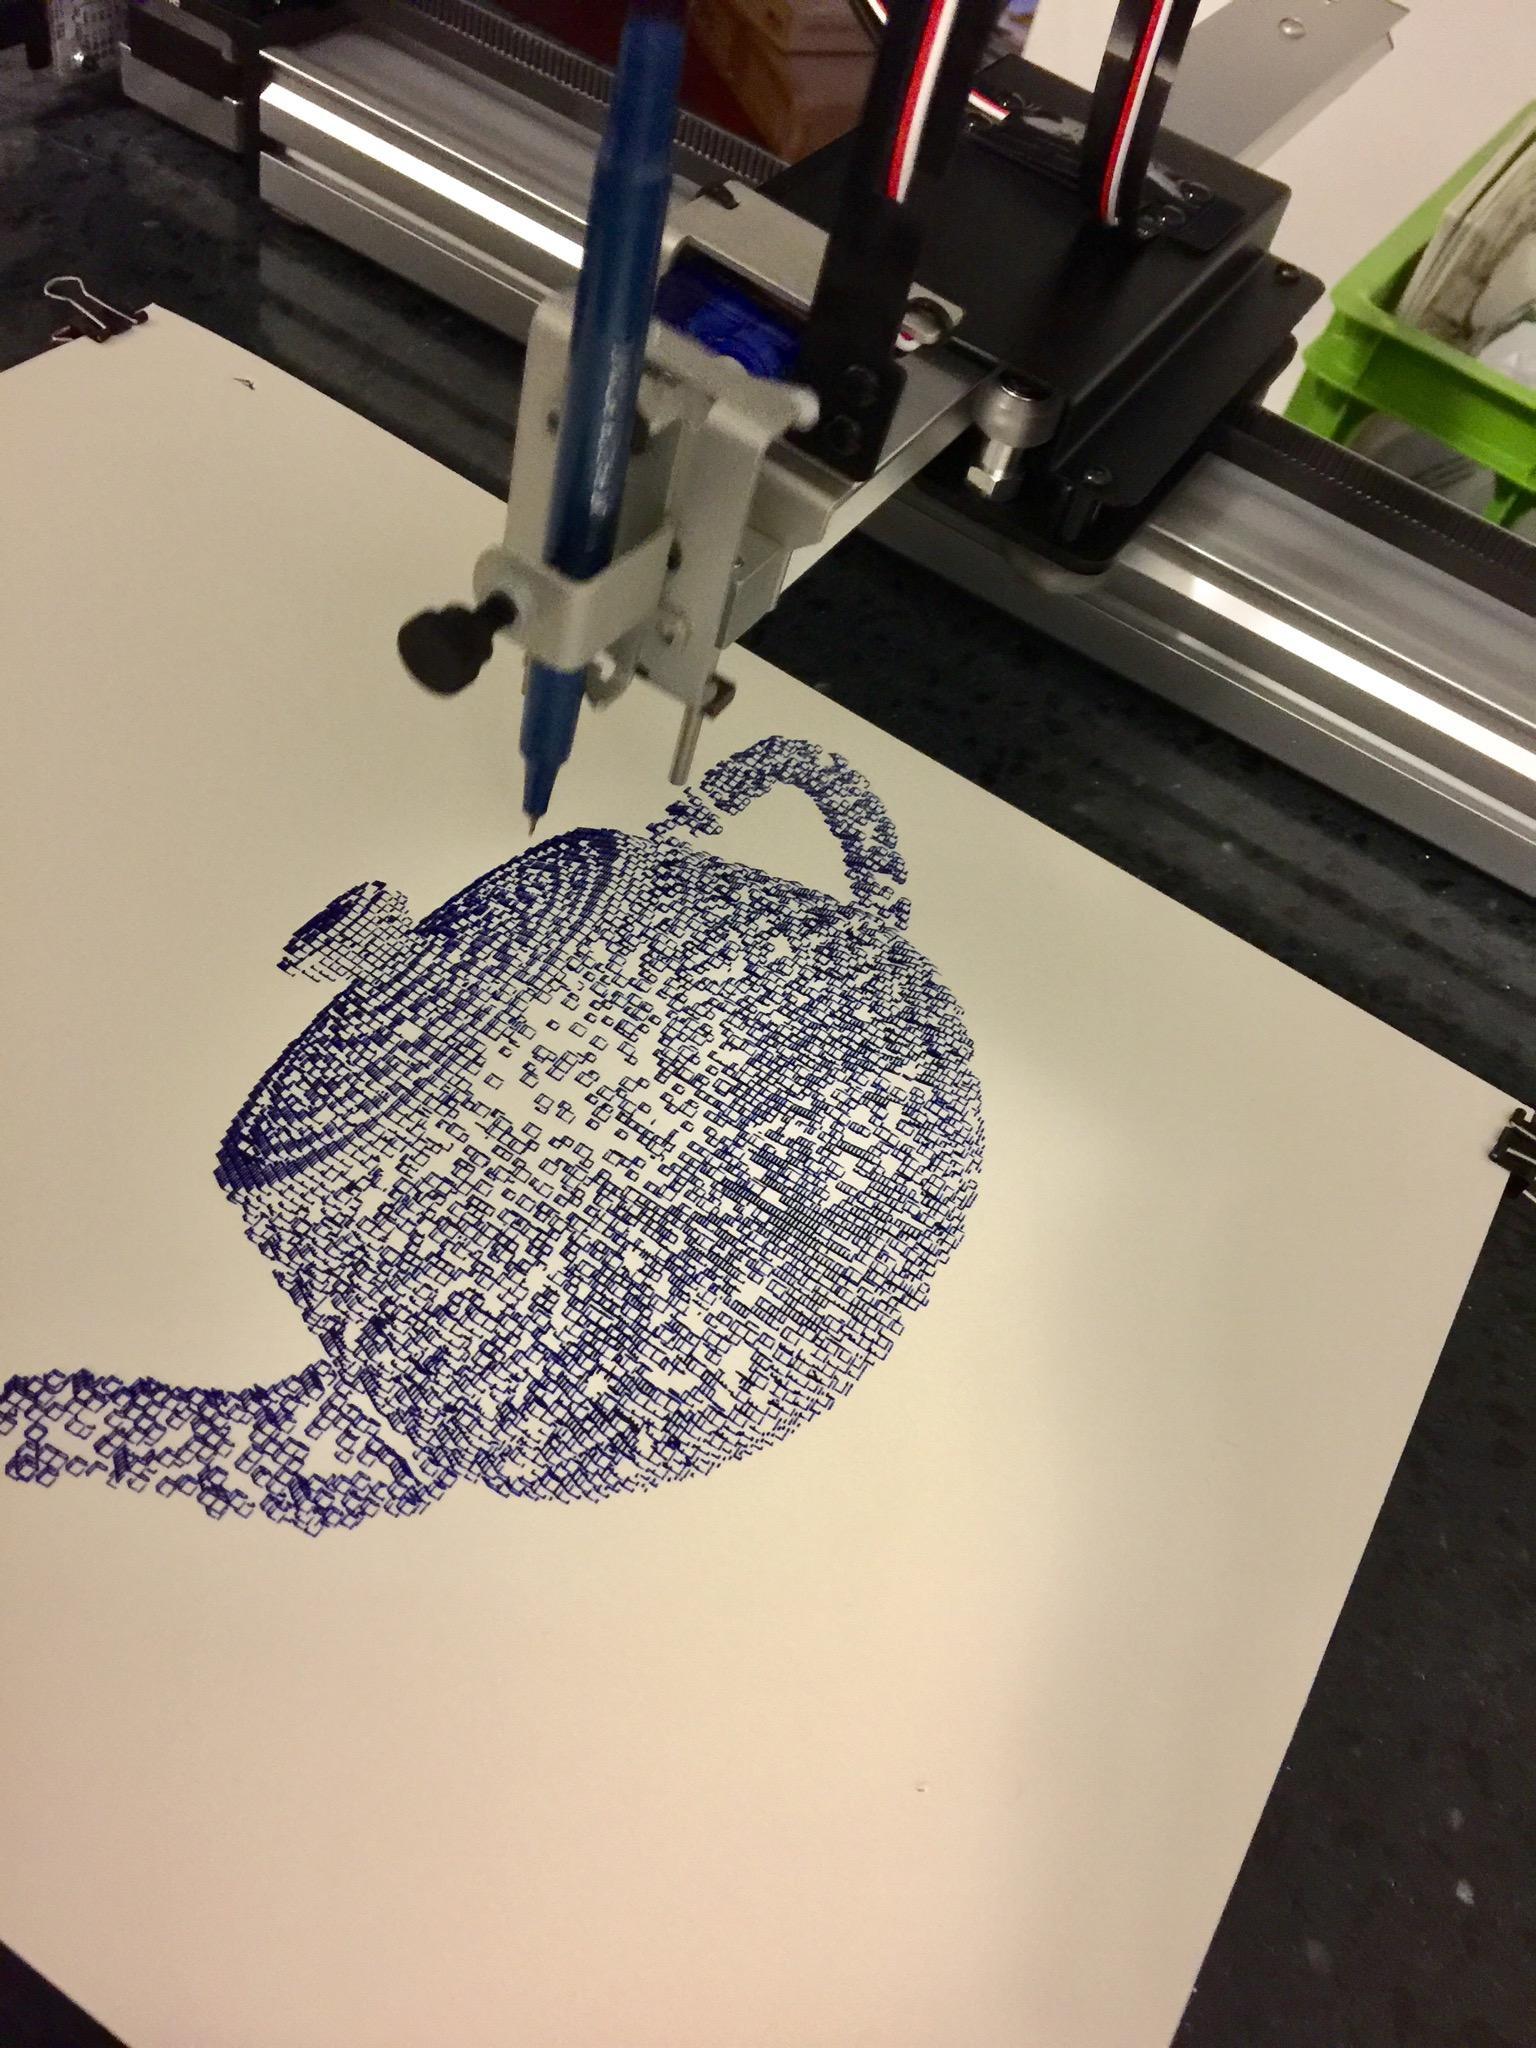 چاپگر دوبعدی دارای چه مشخصاتی ست